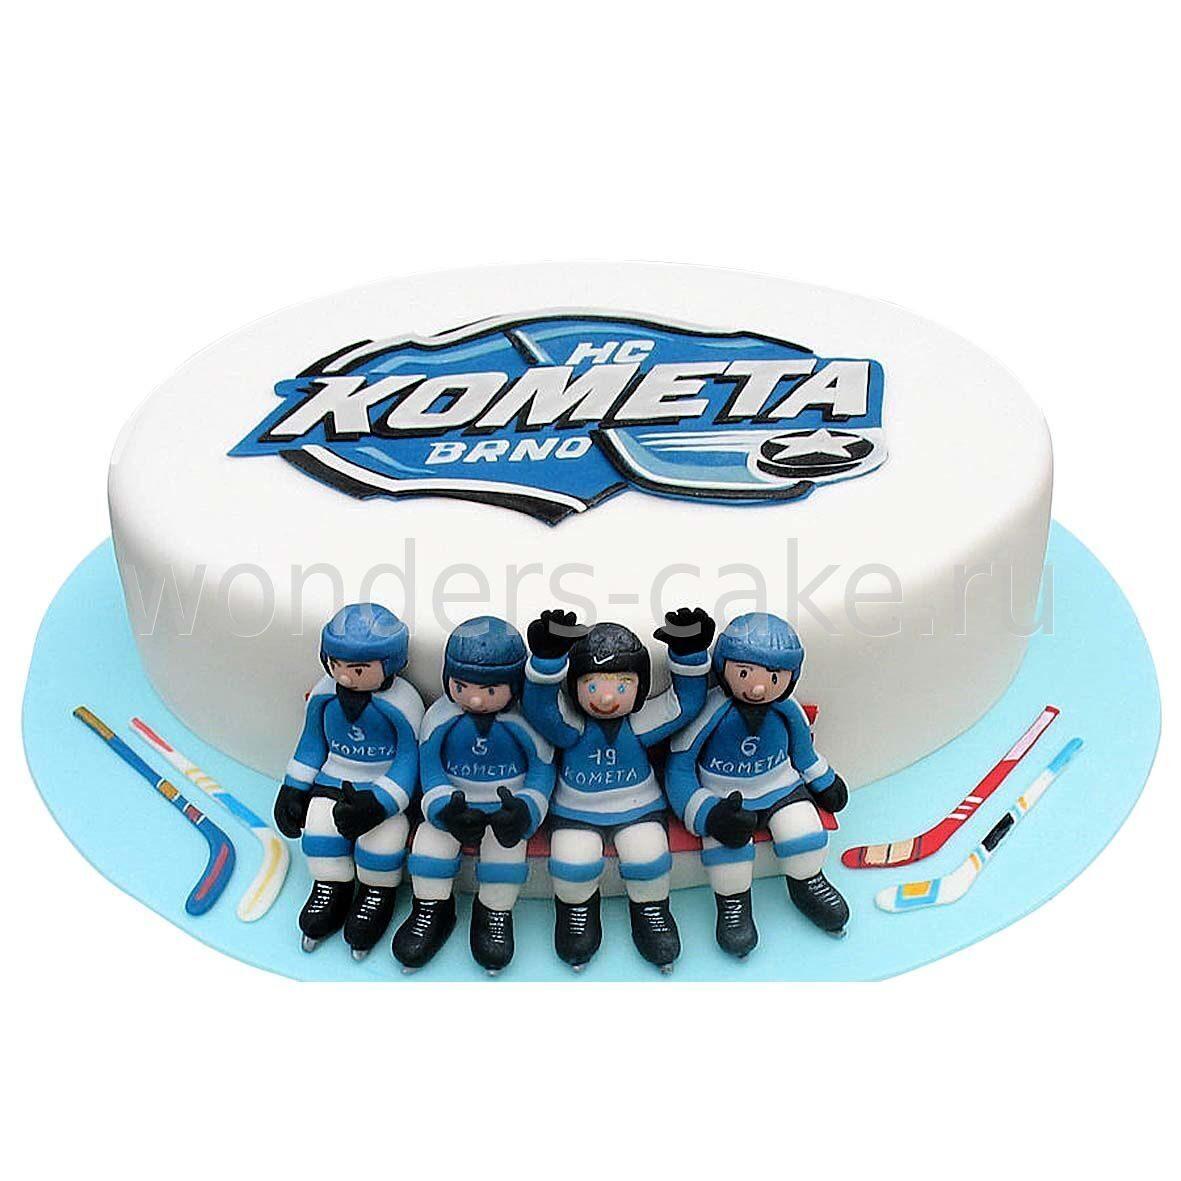 Поздравления с днем рождения хоккеисту фото